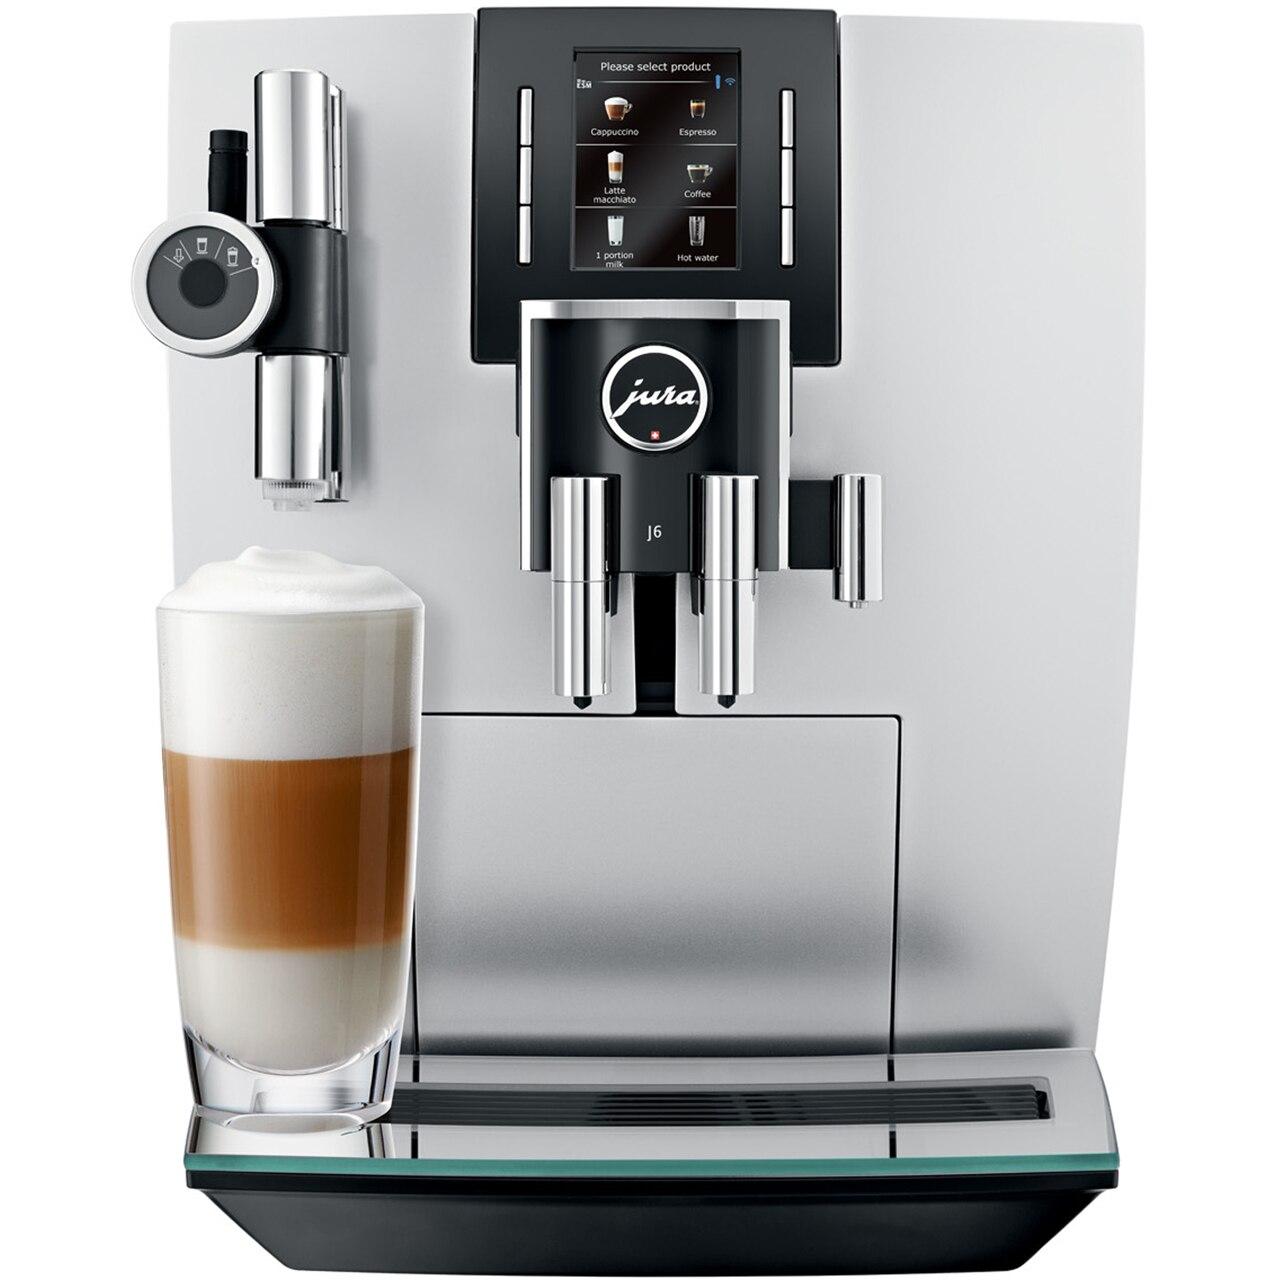 Fotografie Espressor automat Jura J6, 15 bari, 2.1 l, 250 gr, rasnita AromaG3, 13 specialitati one touch, afisaj, Argintiu